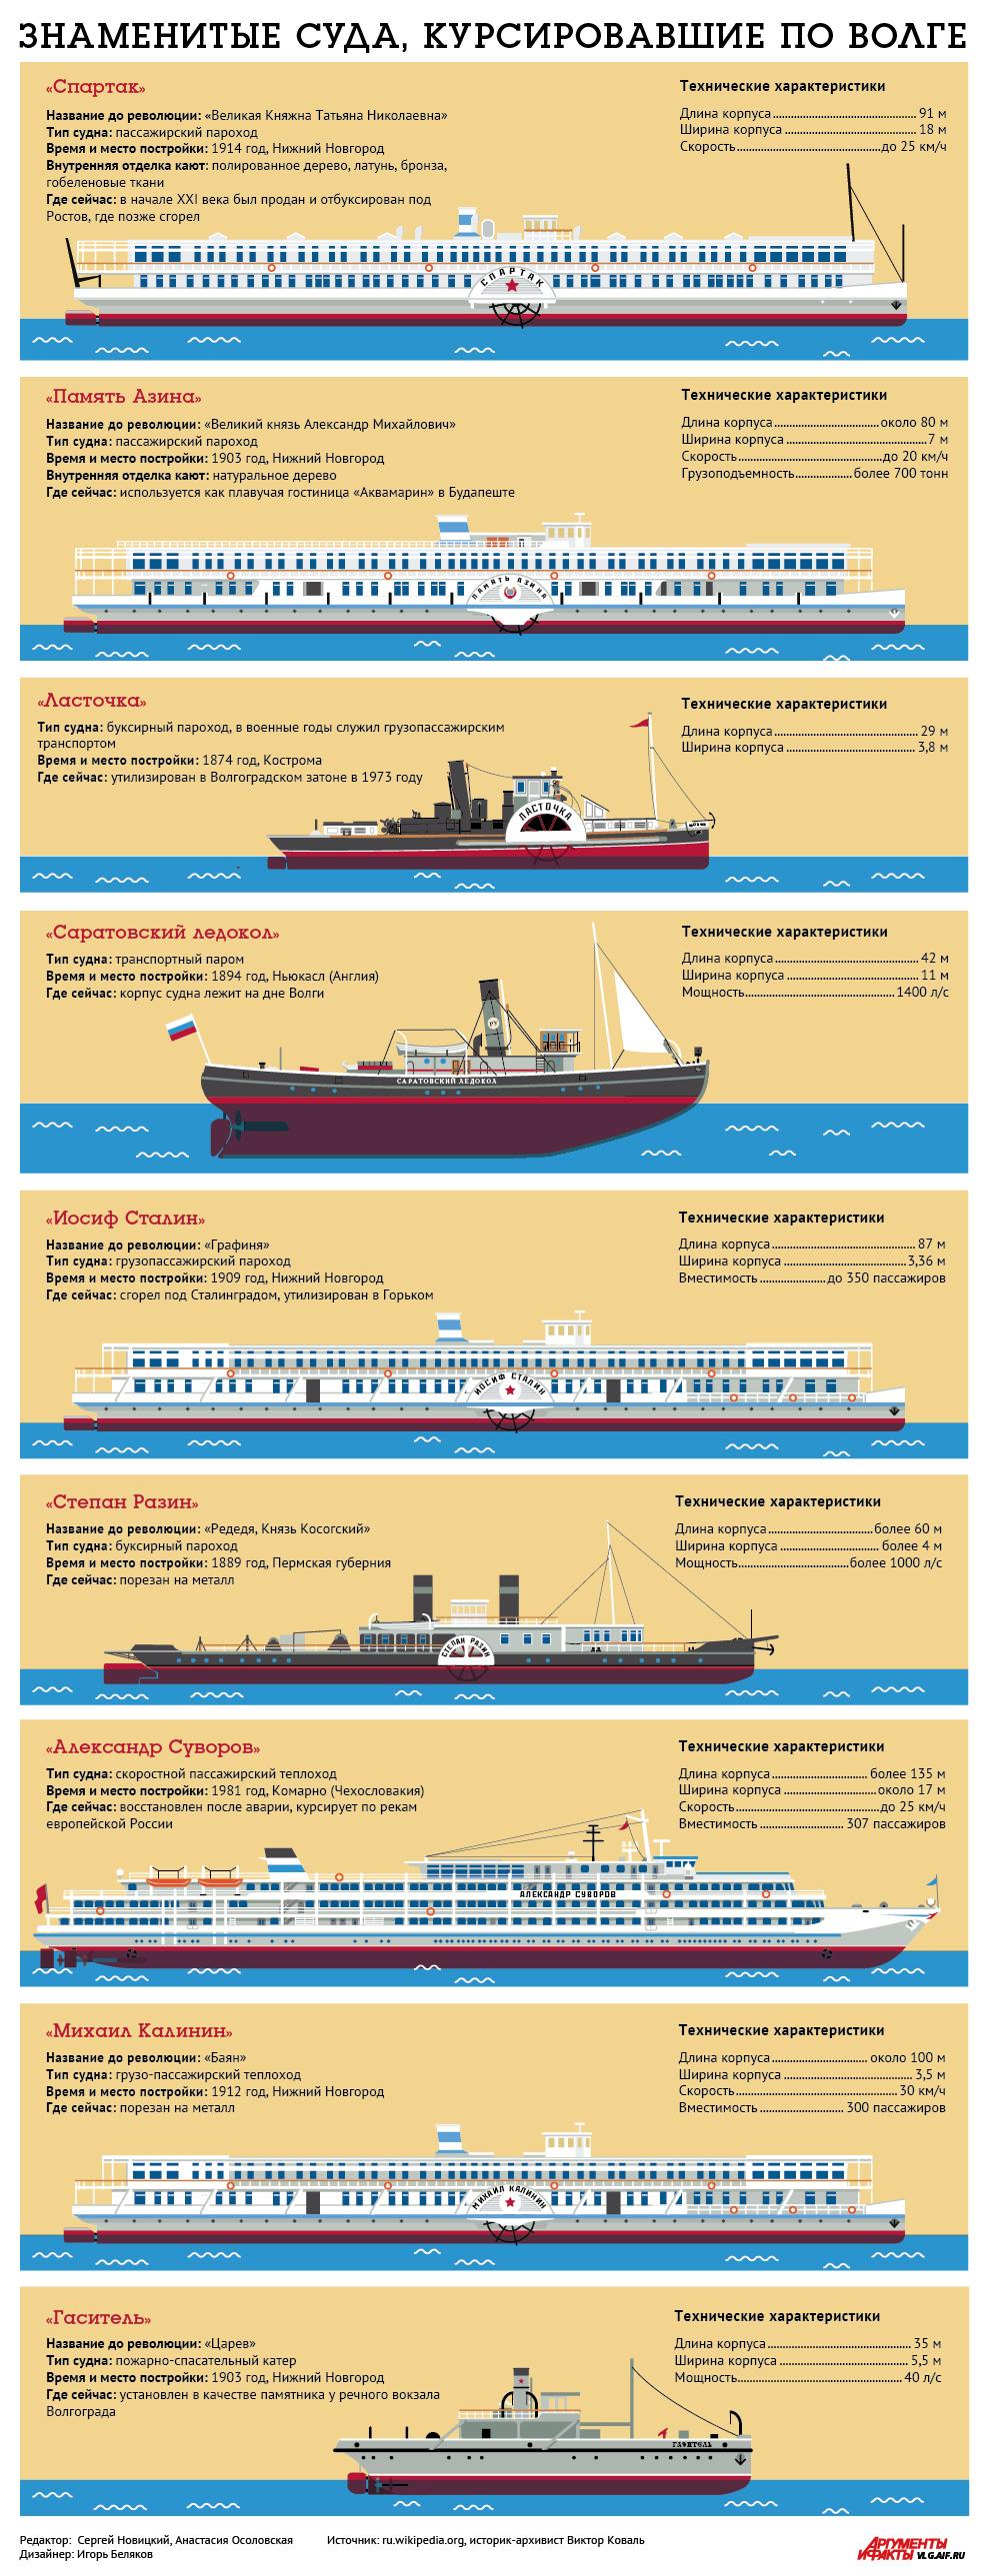 Суда, курсировавшие по Волге. Инфографика